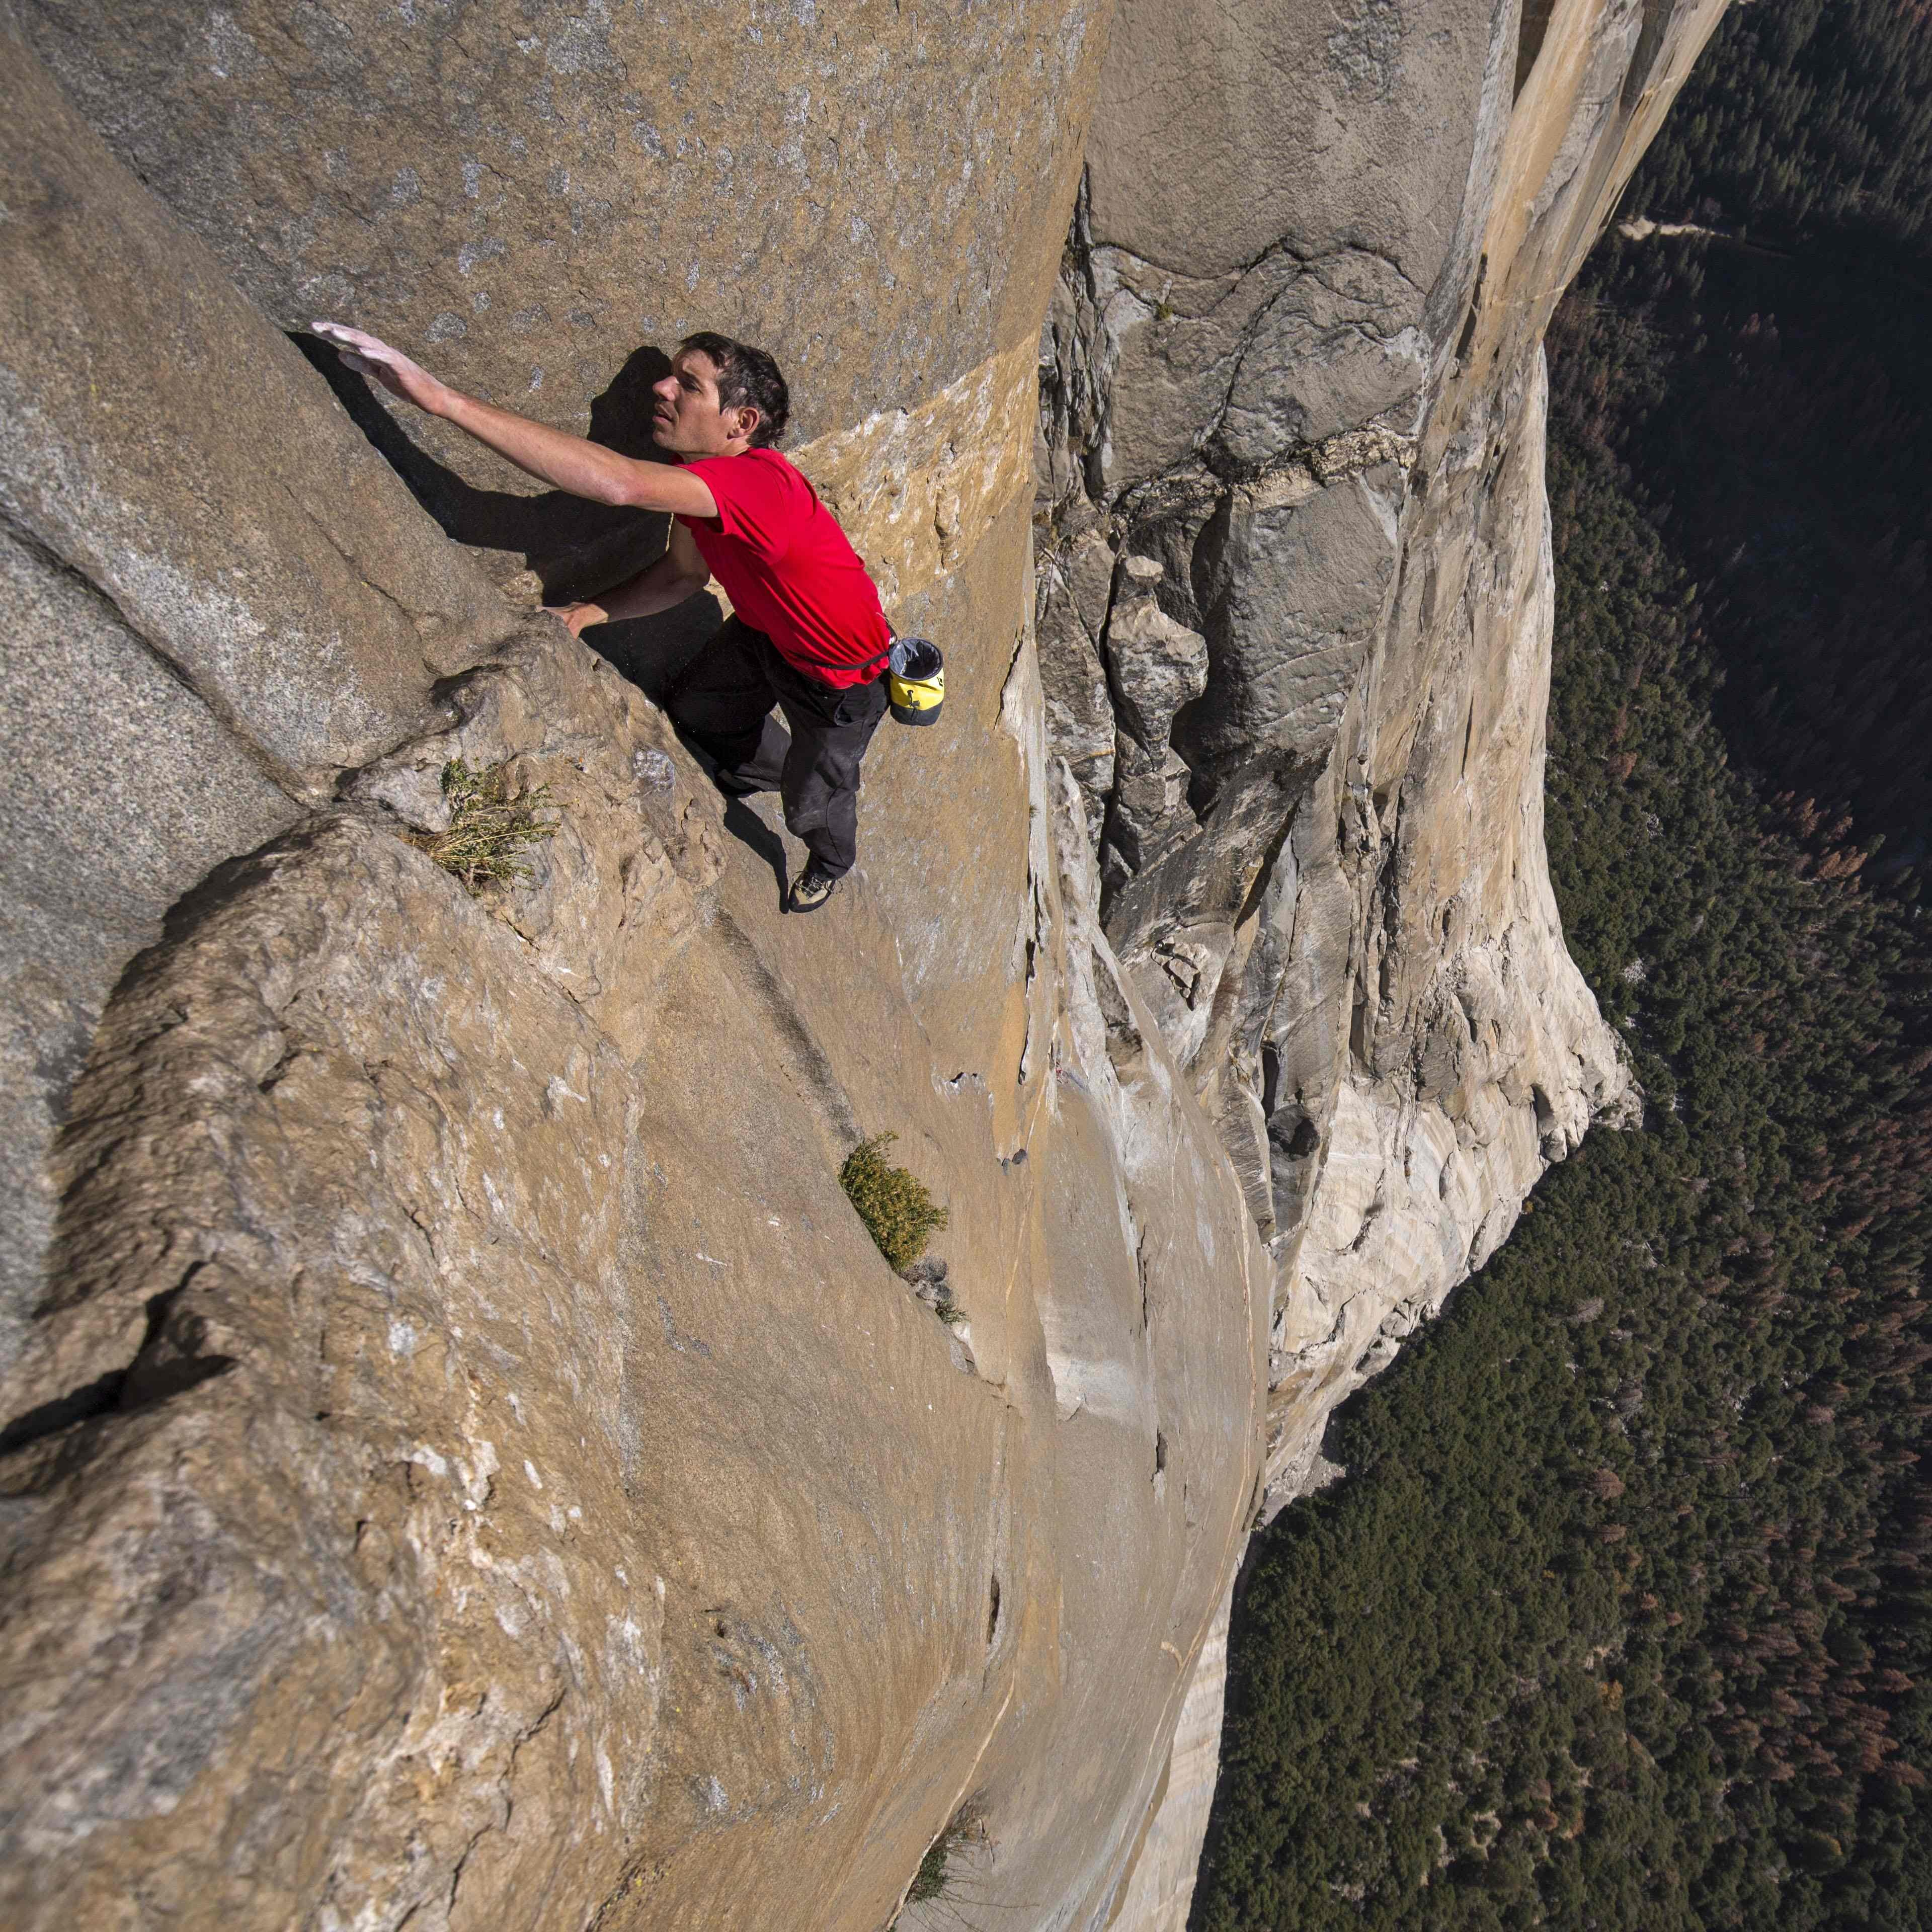 Alex Honnold's quest to climb El Capitan in...